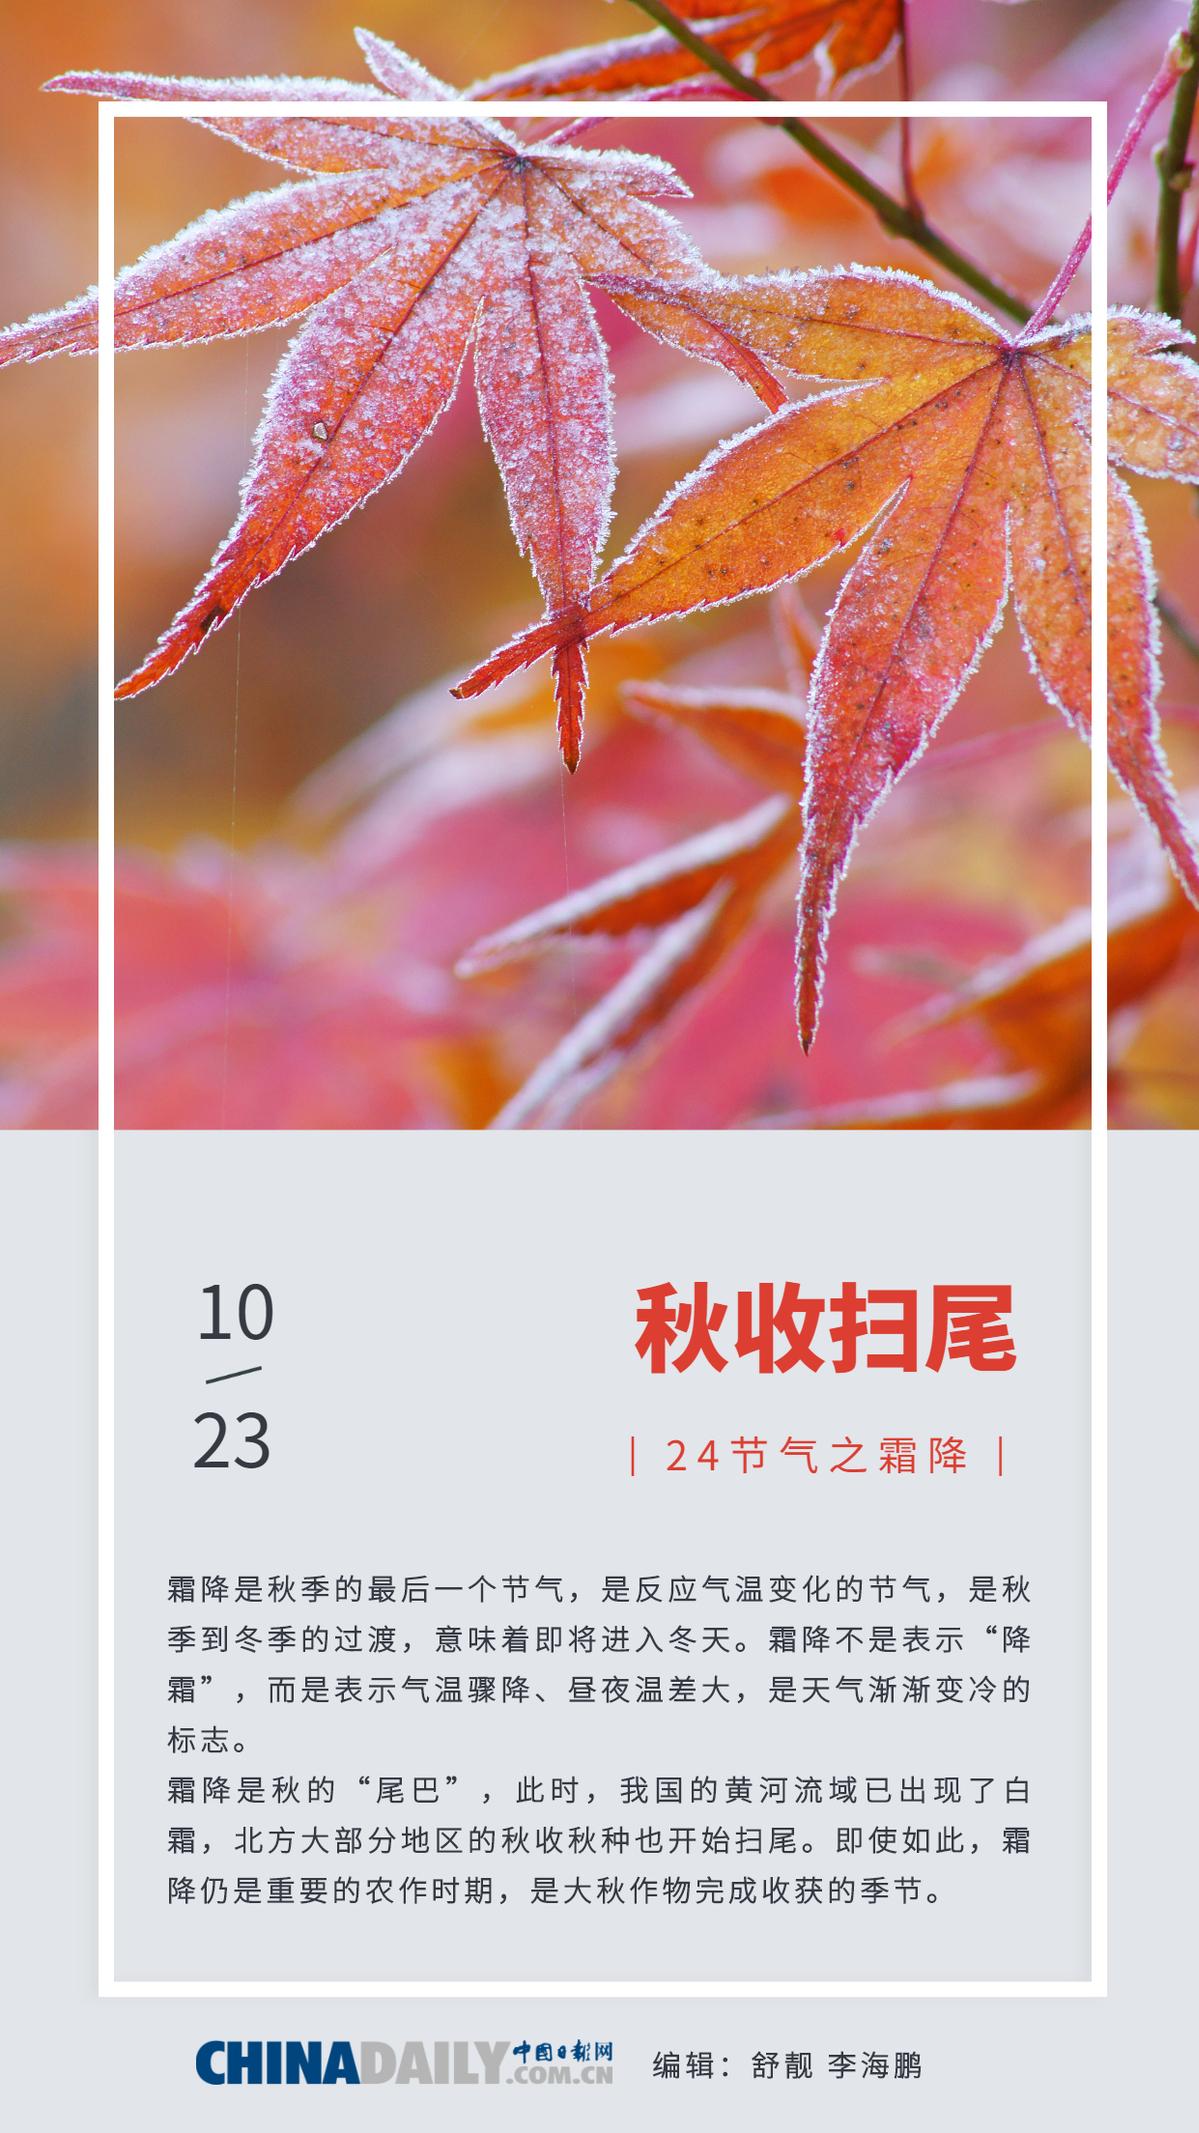 秋季的最后一个节气:霜降